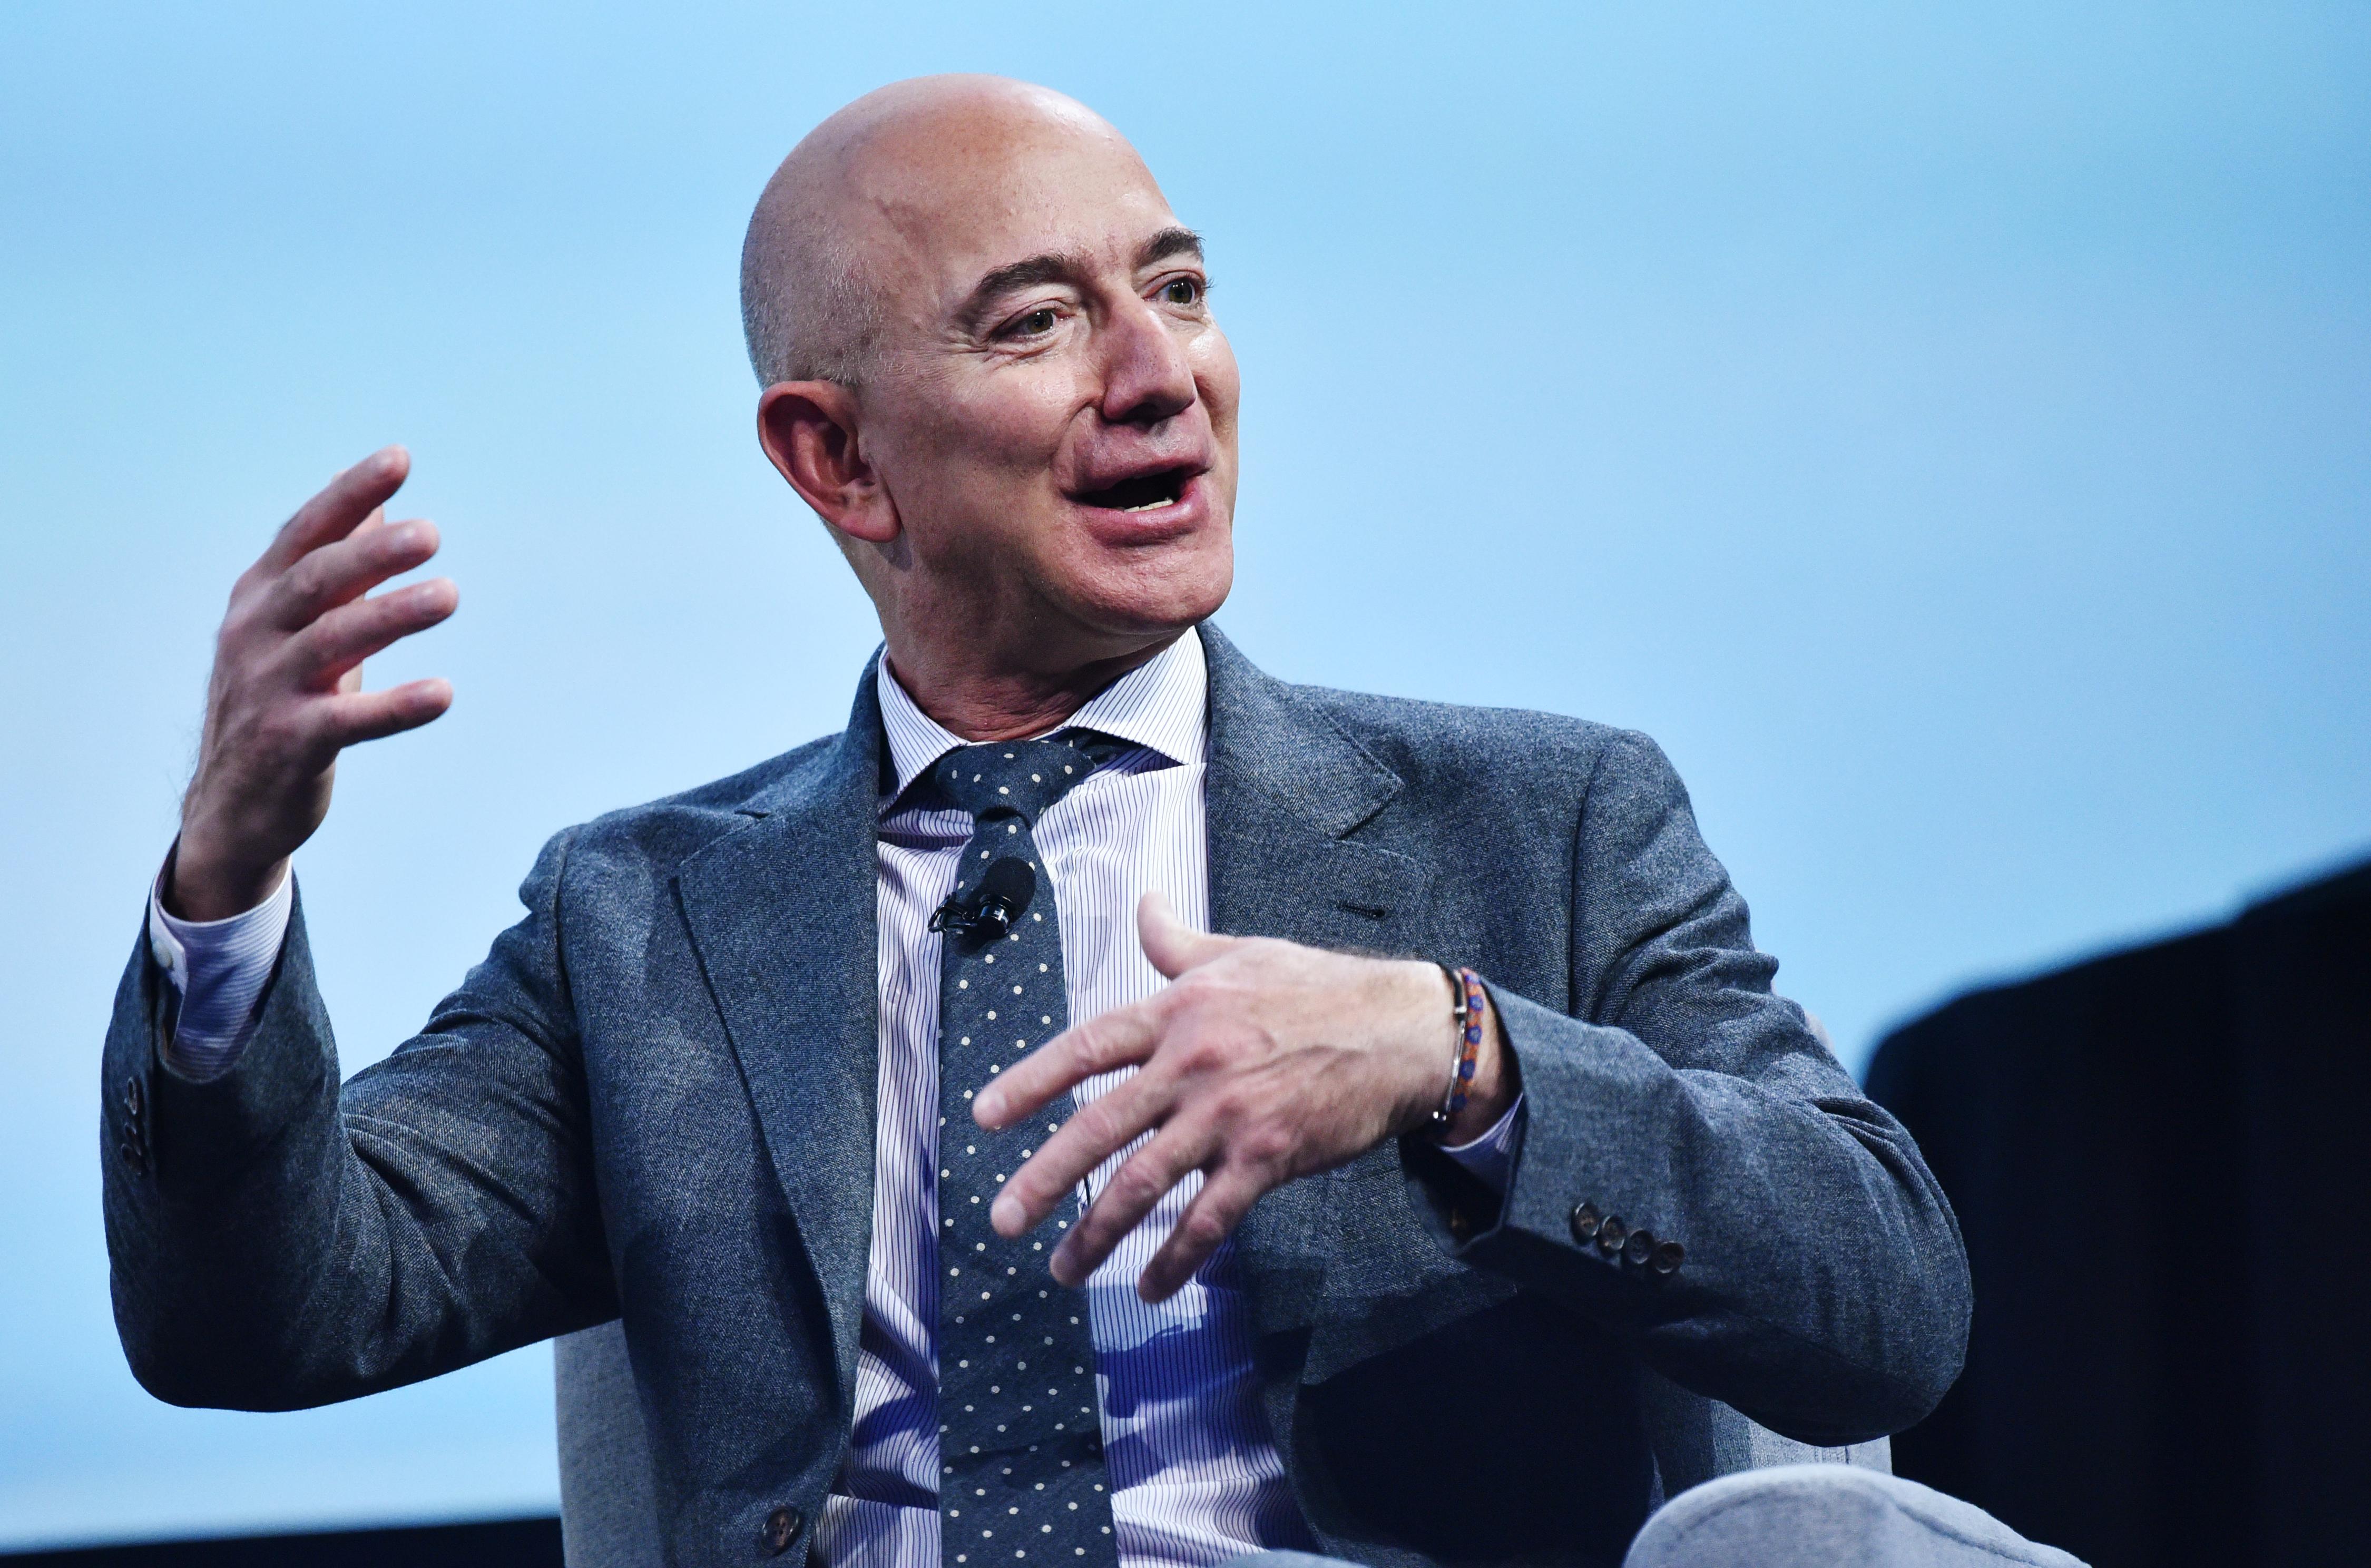 jeff bezos, rijkste mensen op aarde, vermogen, rijkste personen ter wereld